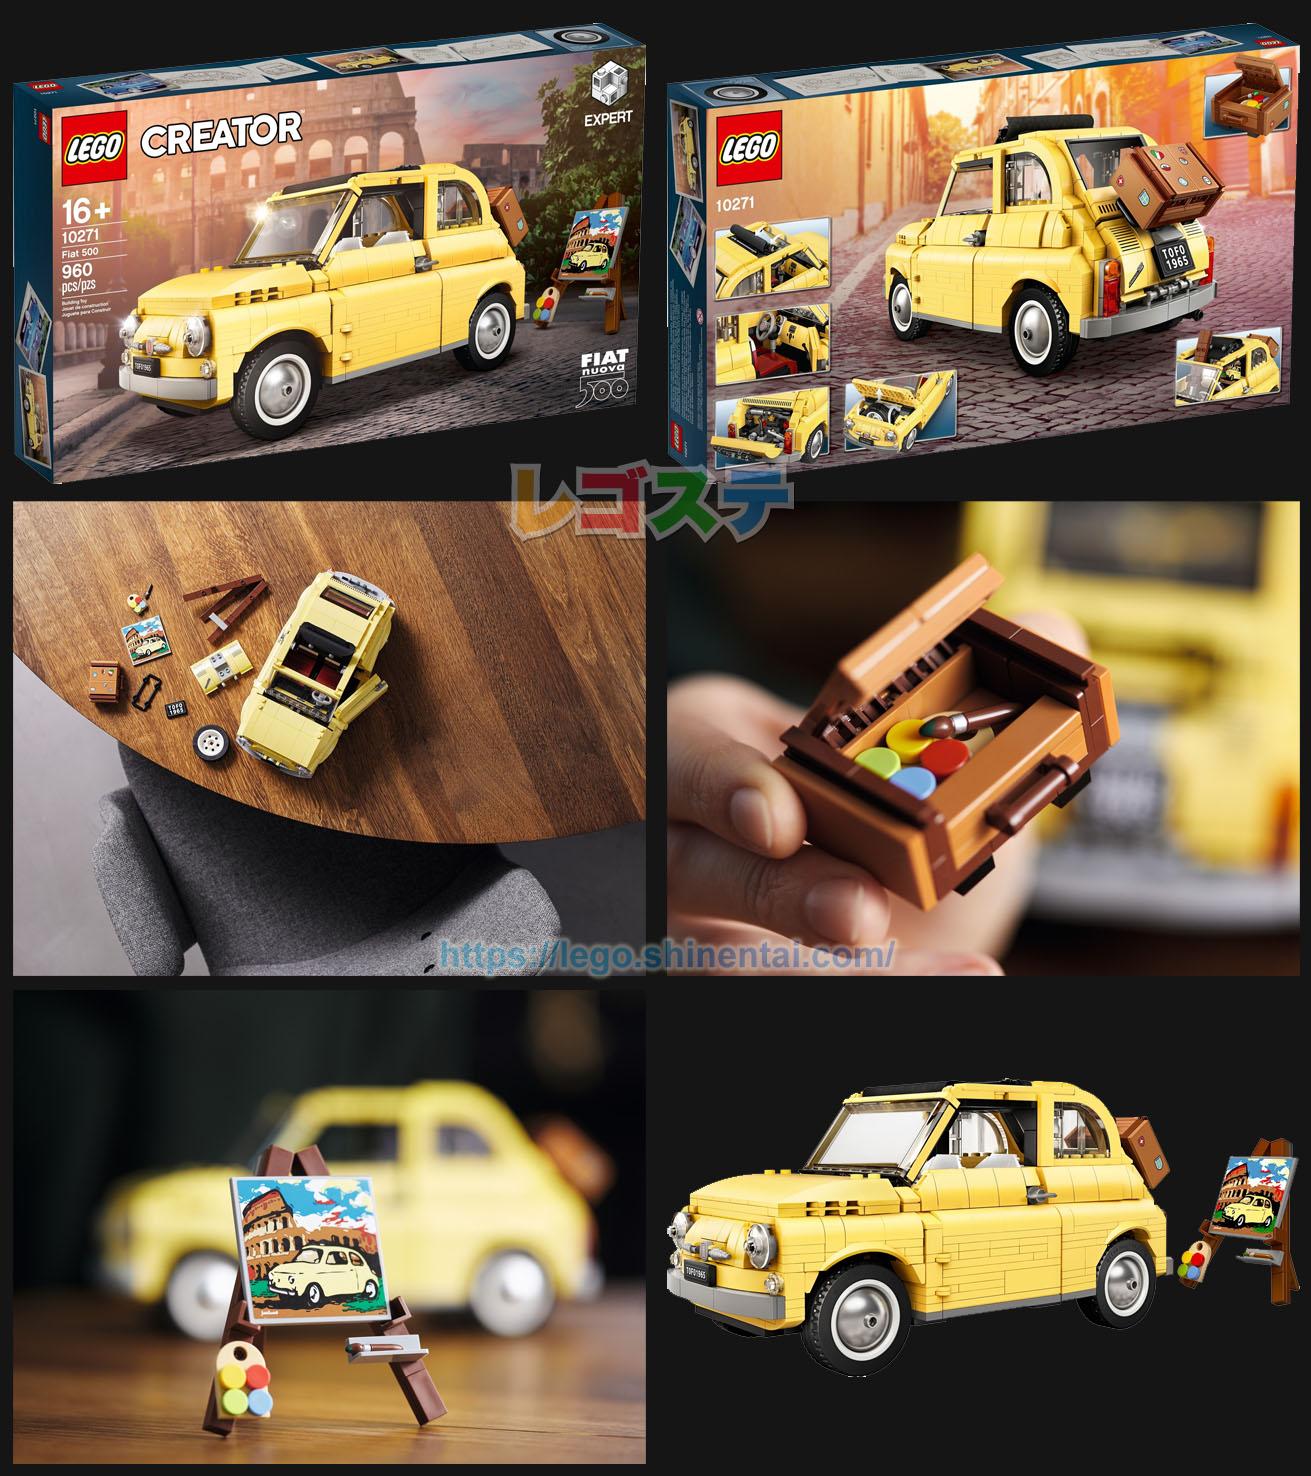 10271 フィアット500(FIAT 500)